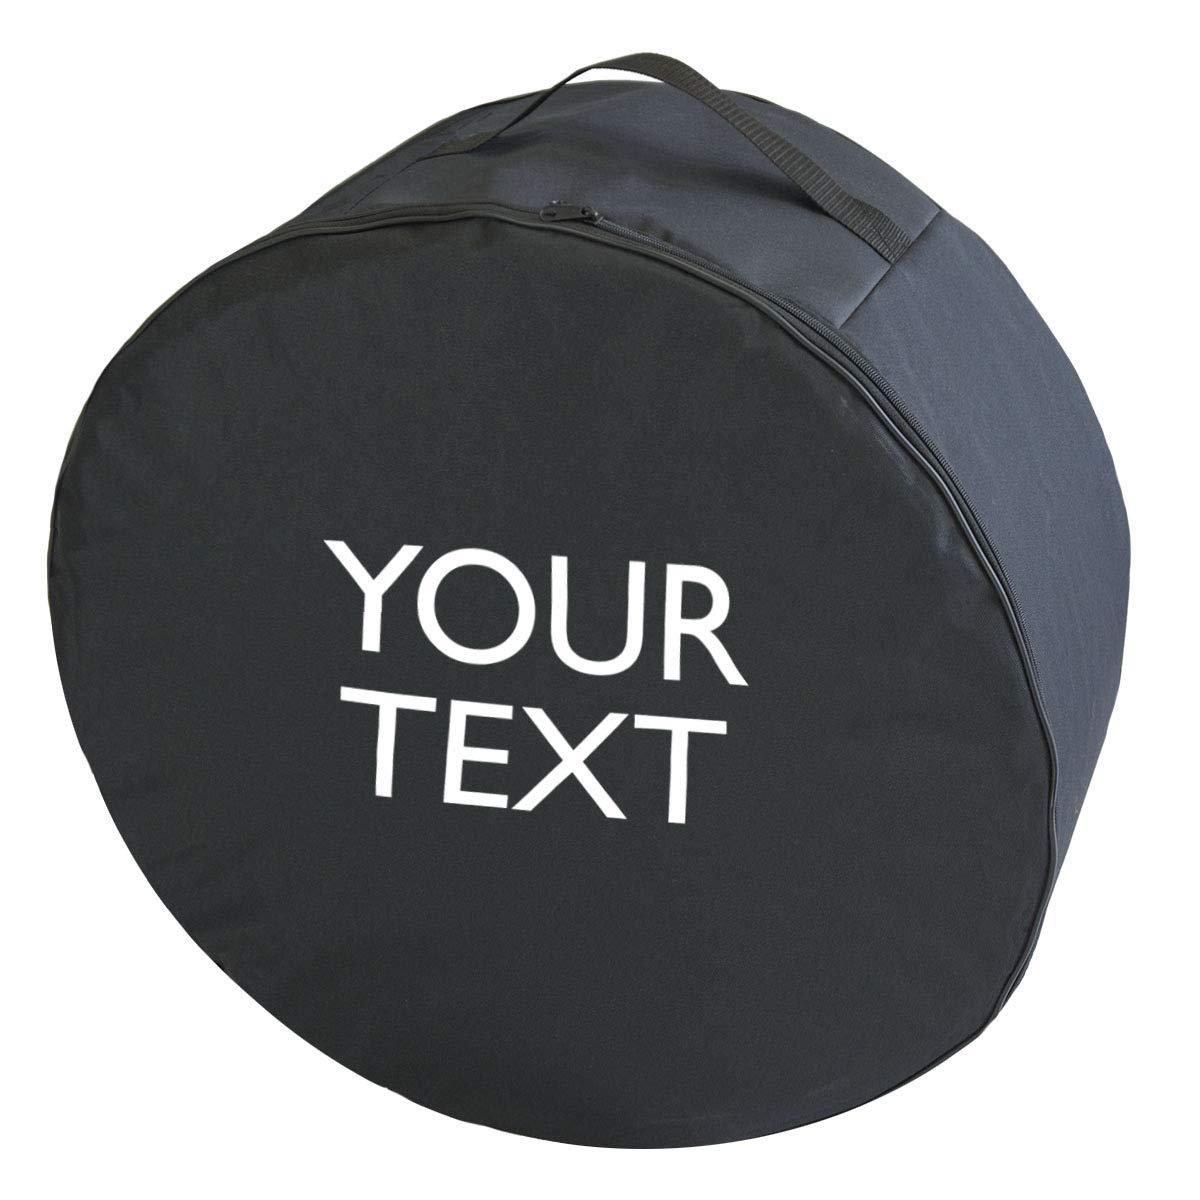 Ferocity Personalisierter Premium Qualit/ät Reifentasche mit Ihrem Wunsch-Text Set 17-22 XXXL Verschiedene gr/ö/ßen Reifenaufbewahrung Reifenchutzh/ülle Reifenbezug 4 St/ück 097